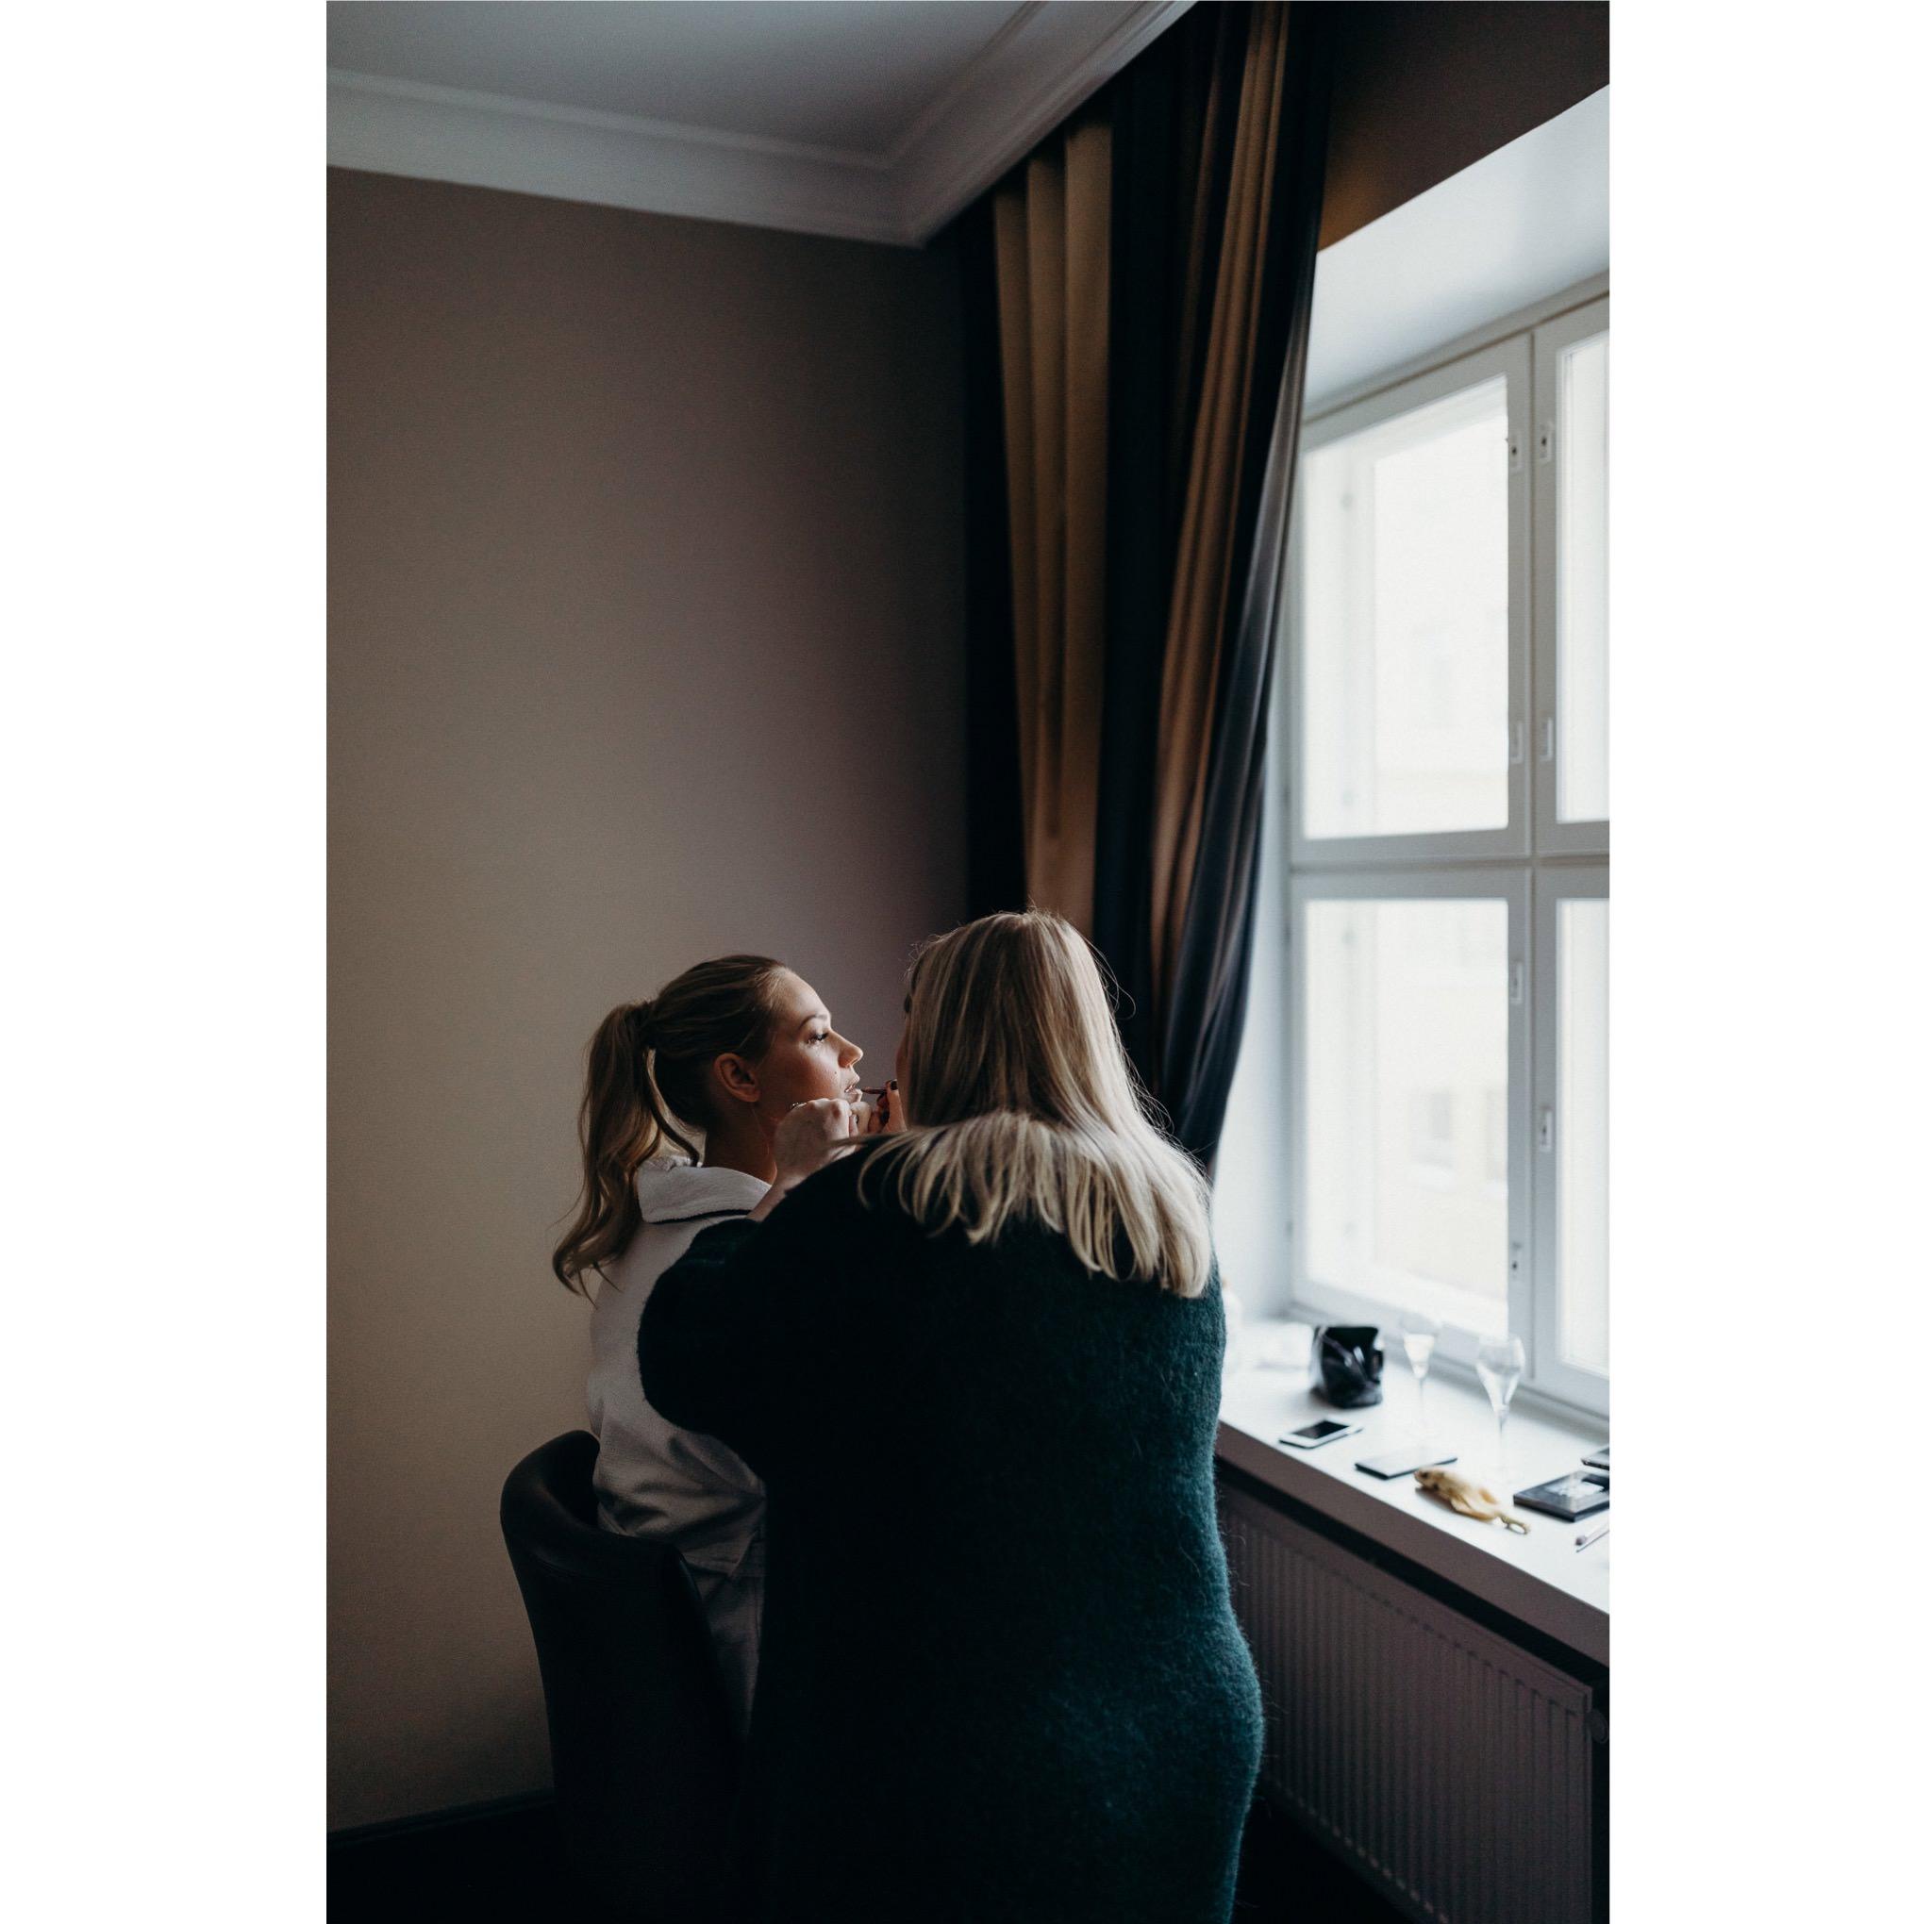 013_Niina_Tapani_2019-51color_Morsian_Valmistautuu_Hotellissa.jpg